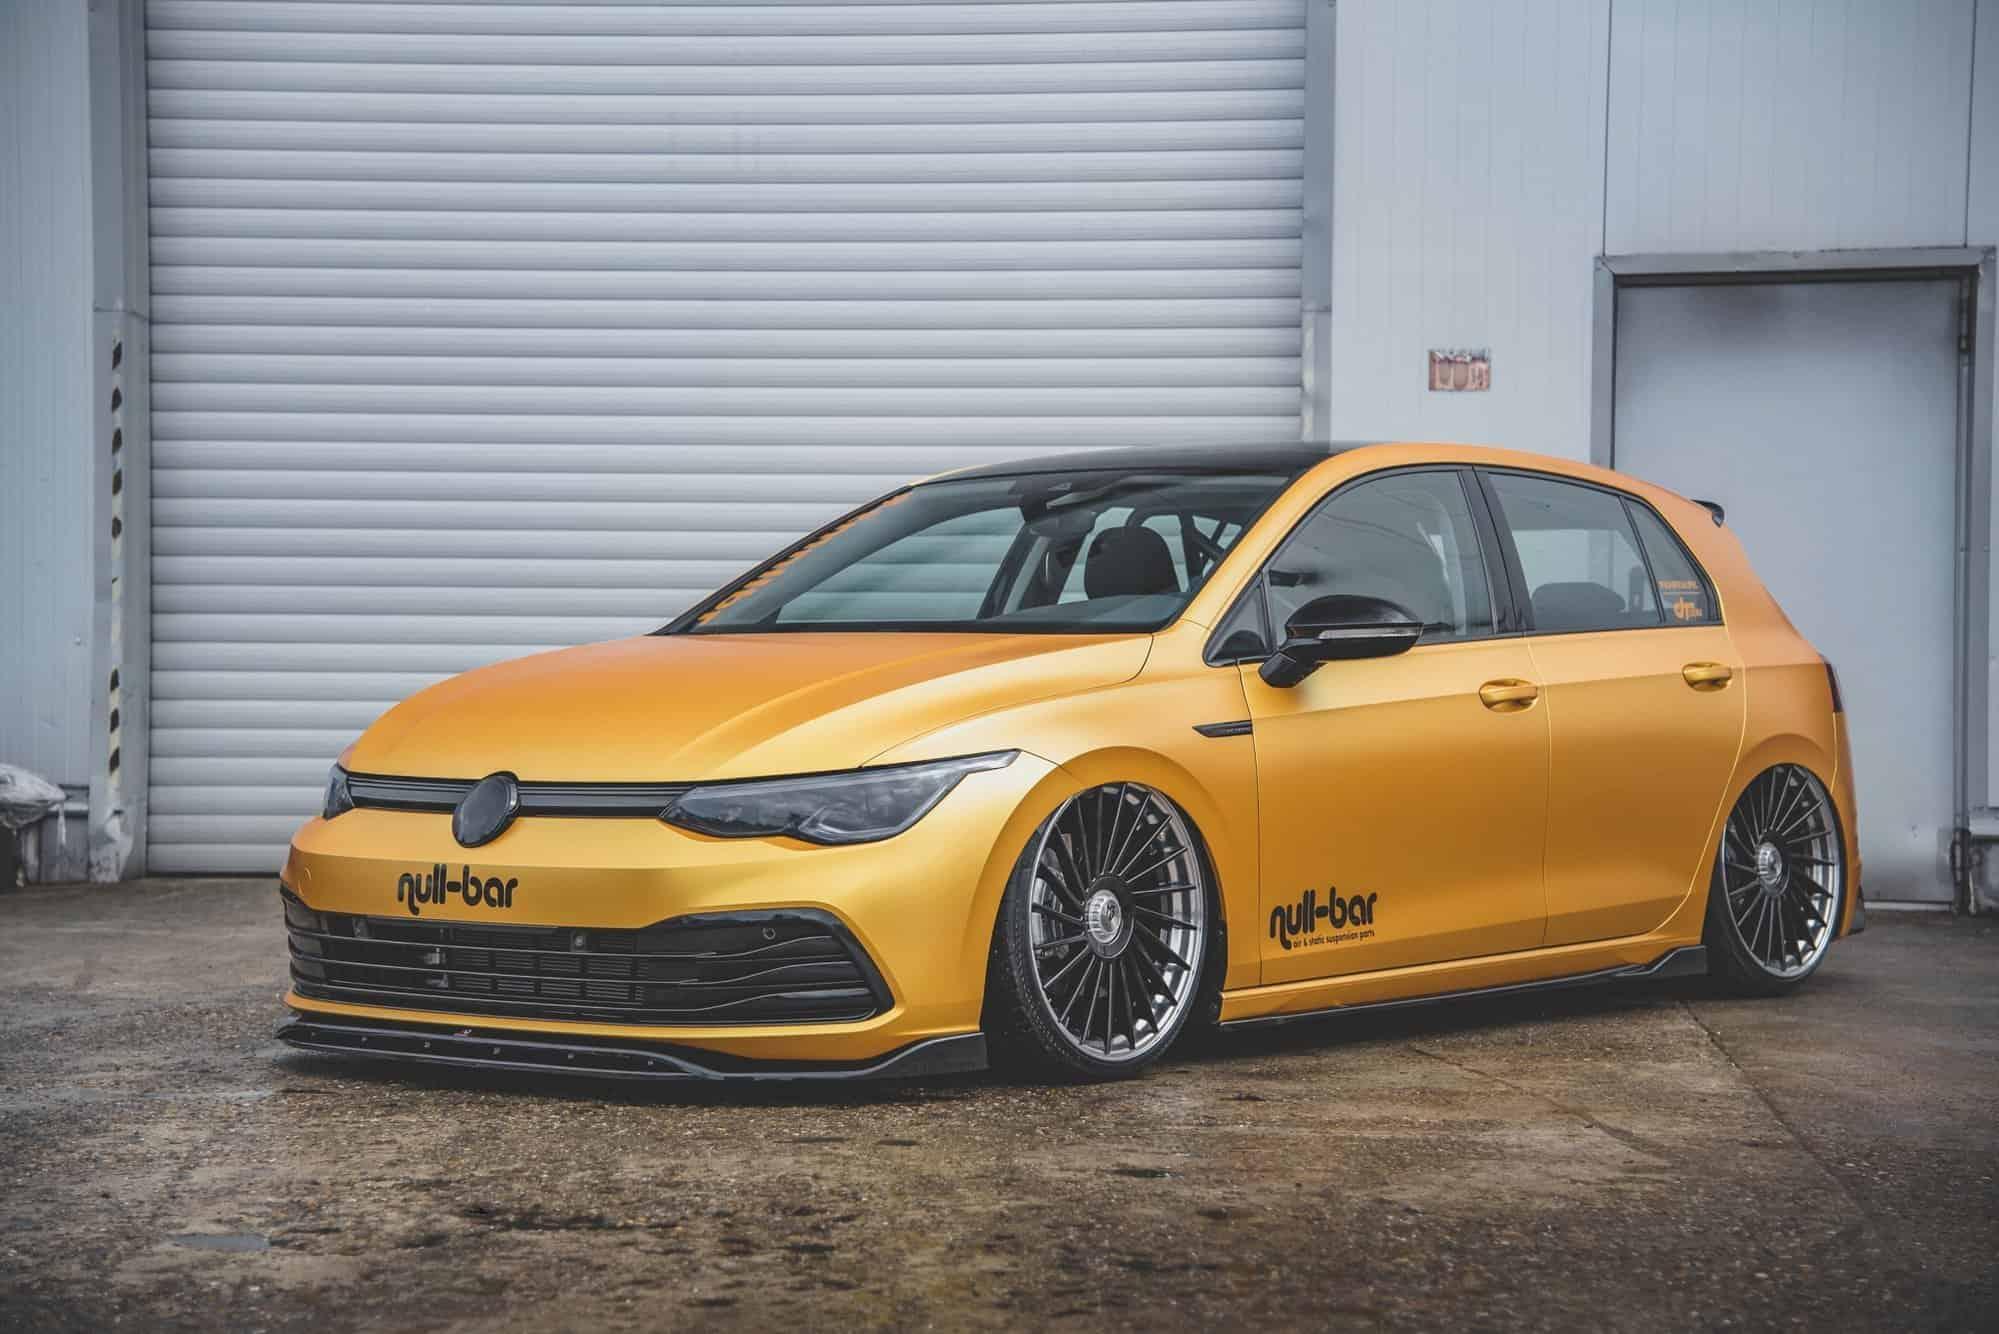 Volkswagen Golf 8 Gets New Aero Parts